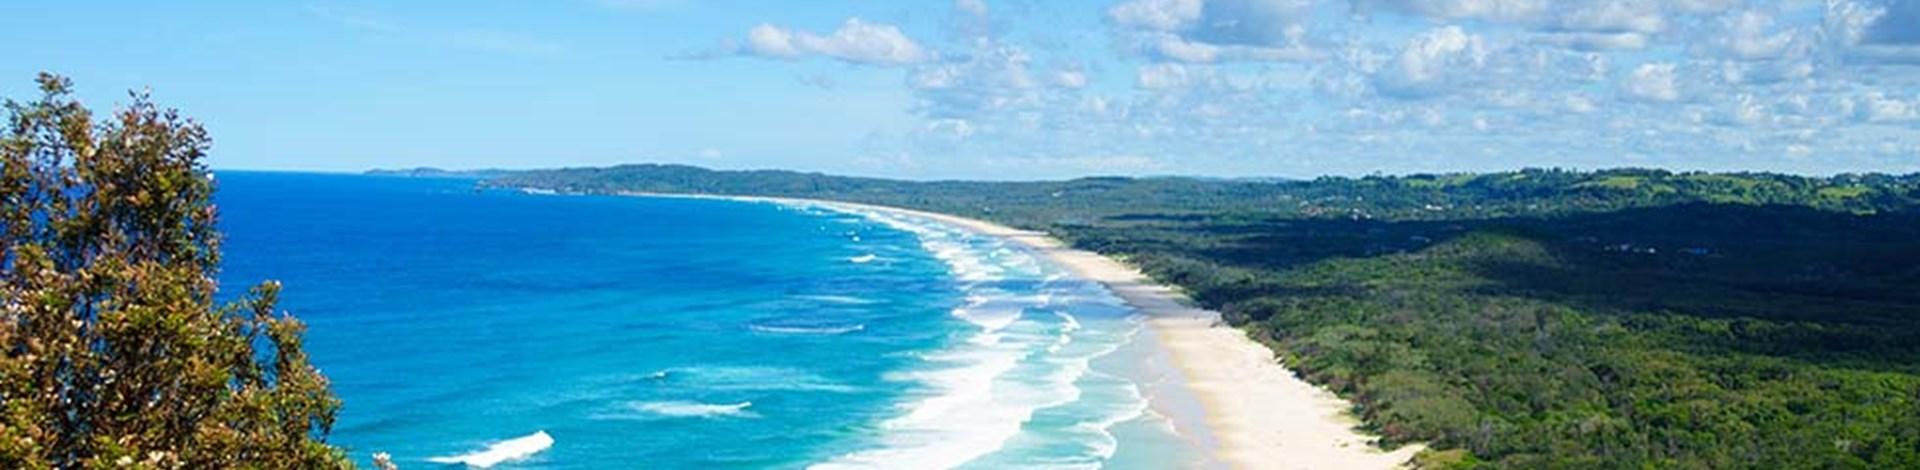 Bahia Dorada Beach